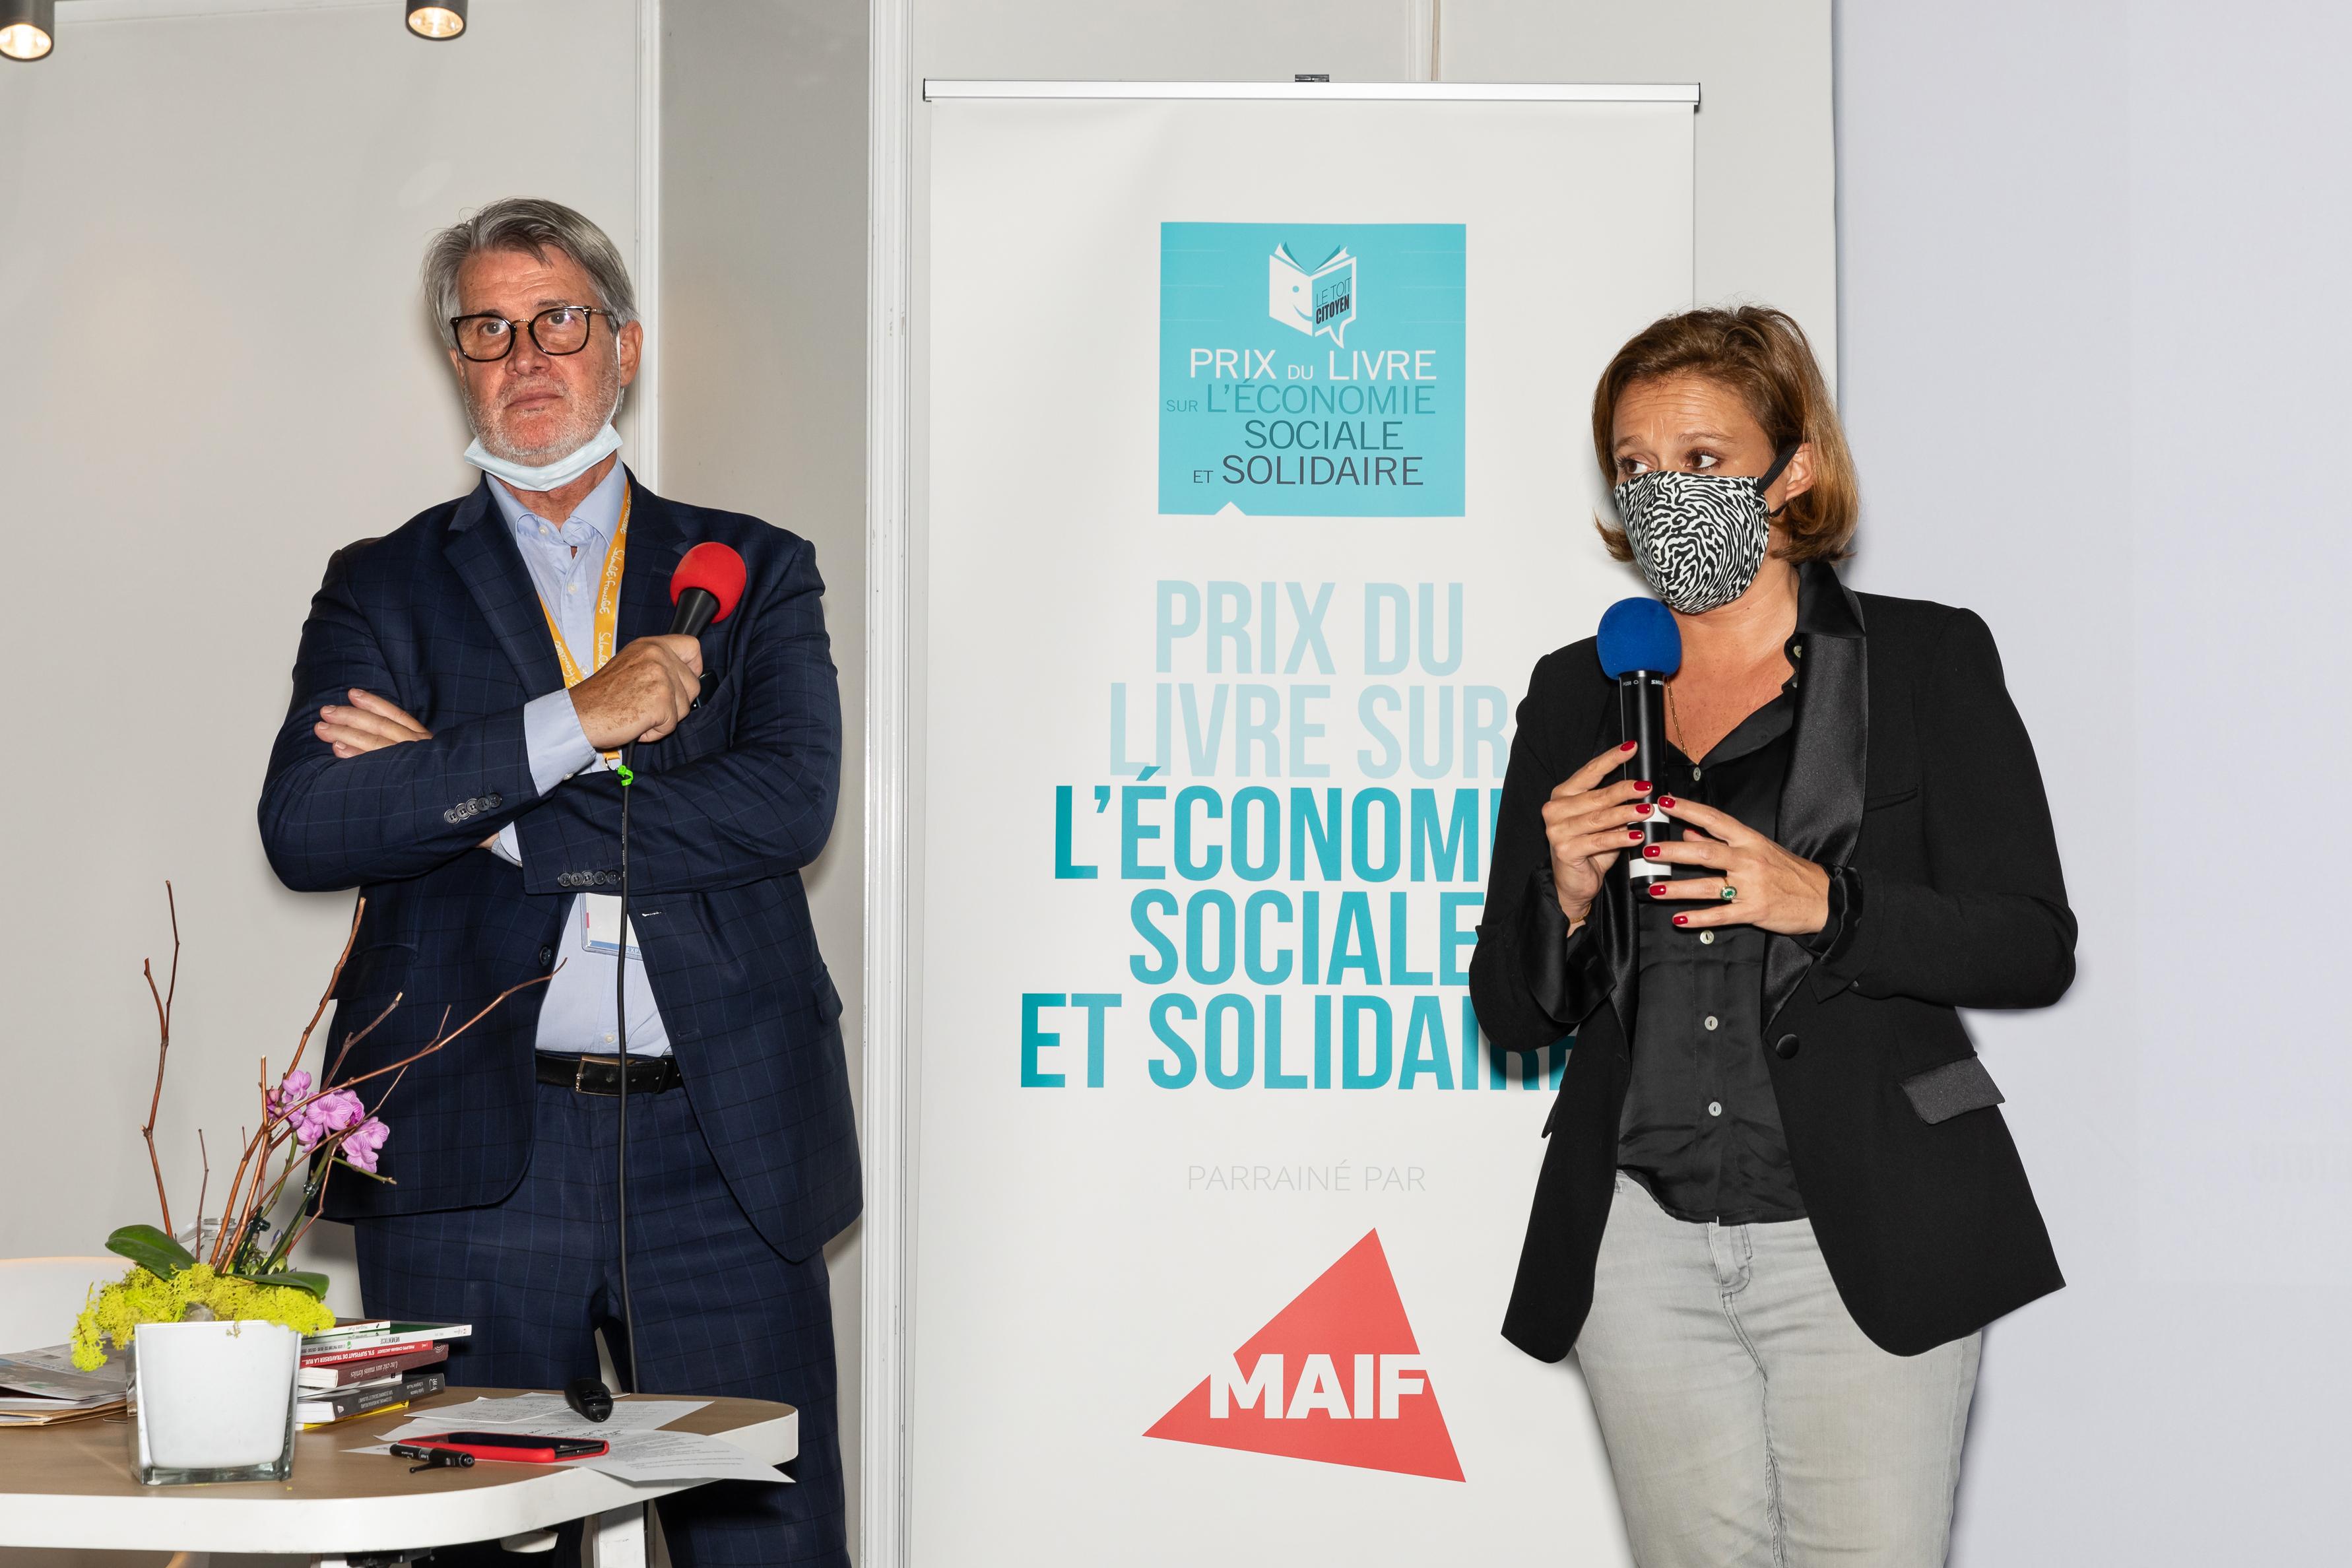 La ministre déléguée à l'Economie Sociale et Solidaire, Olivia Grégoire, a honoré de sa présence la 7 ème édition du Prix du Livre sur l'ESS ! Toutes les photos sur le Blog www.toitcitoyen.com/economiesociale